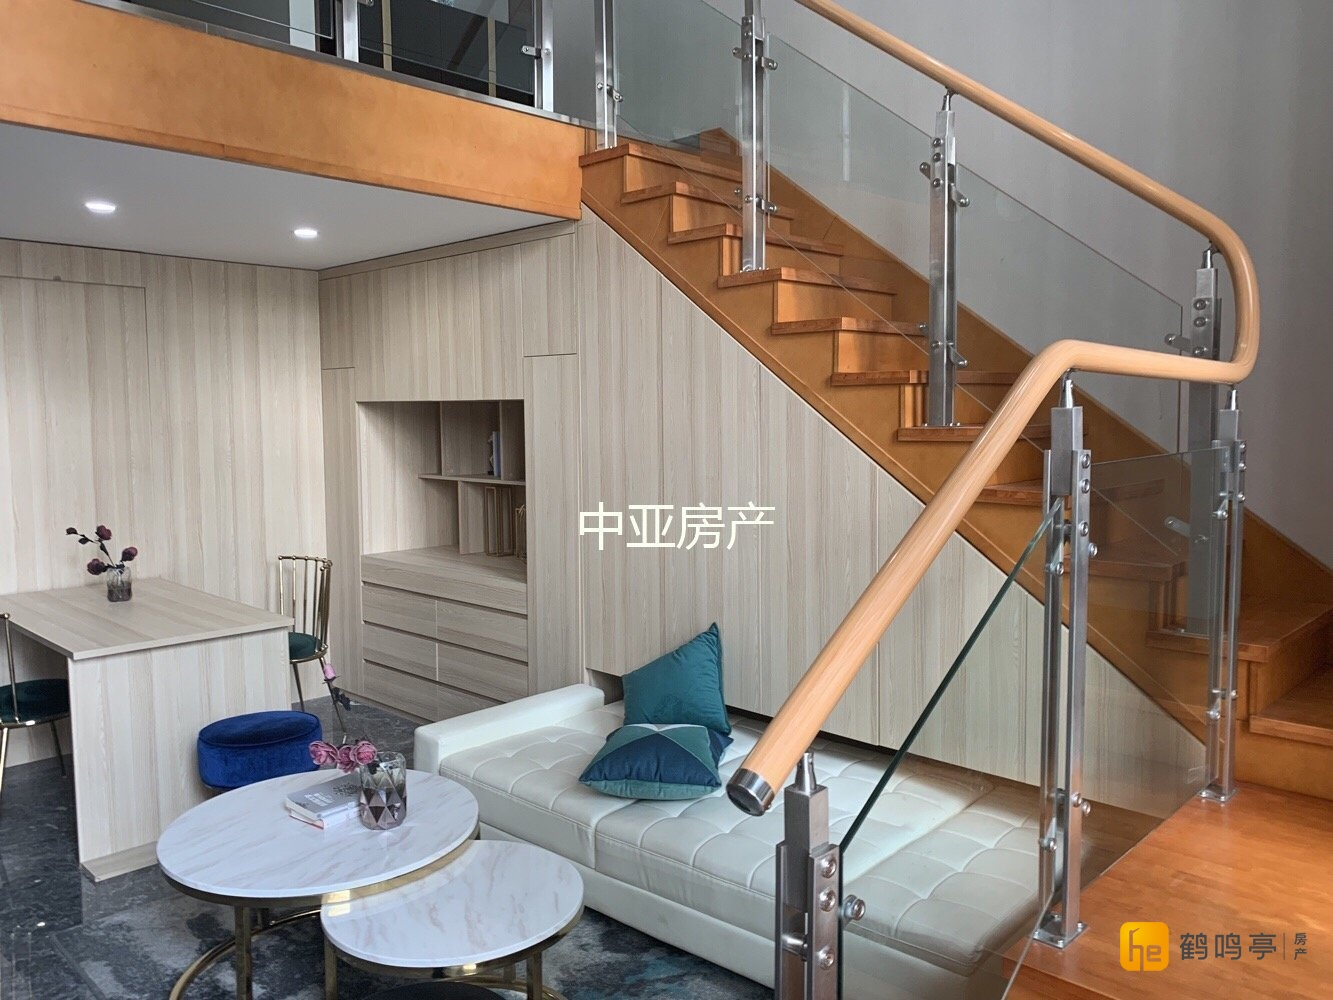 创客城 5.4米挑高 准现房 有天然气 有阳台 挑高二层